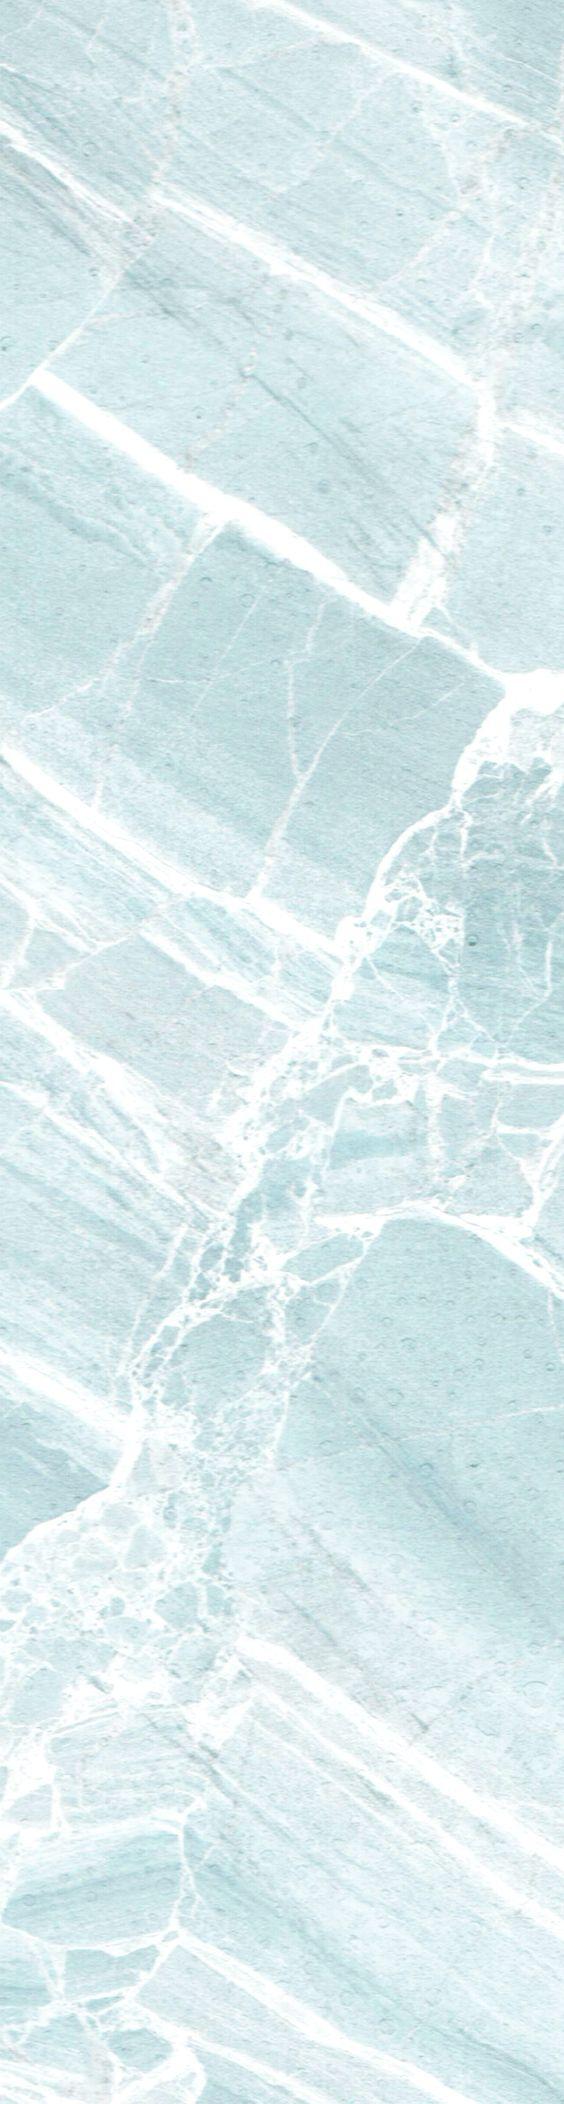 Good Wallpaper Marble Aqua - 73b91fc6964094e15e5c14b1f606e0f3  Snapshot_845069.jpg